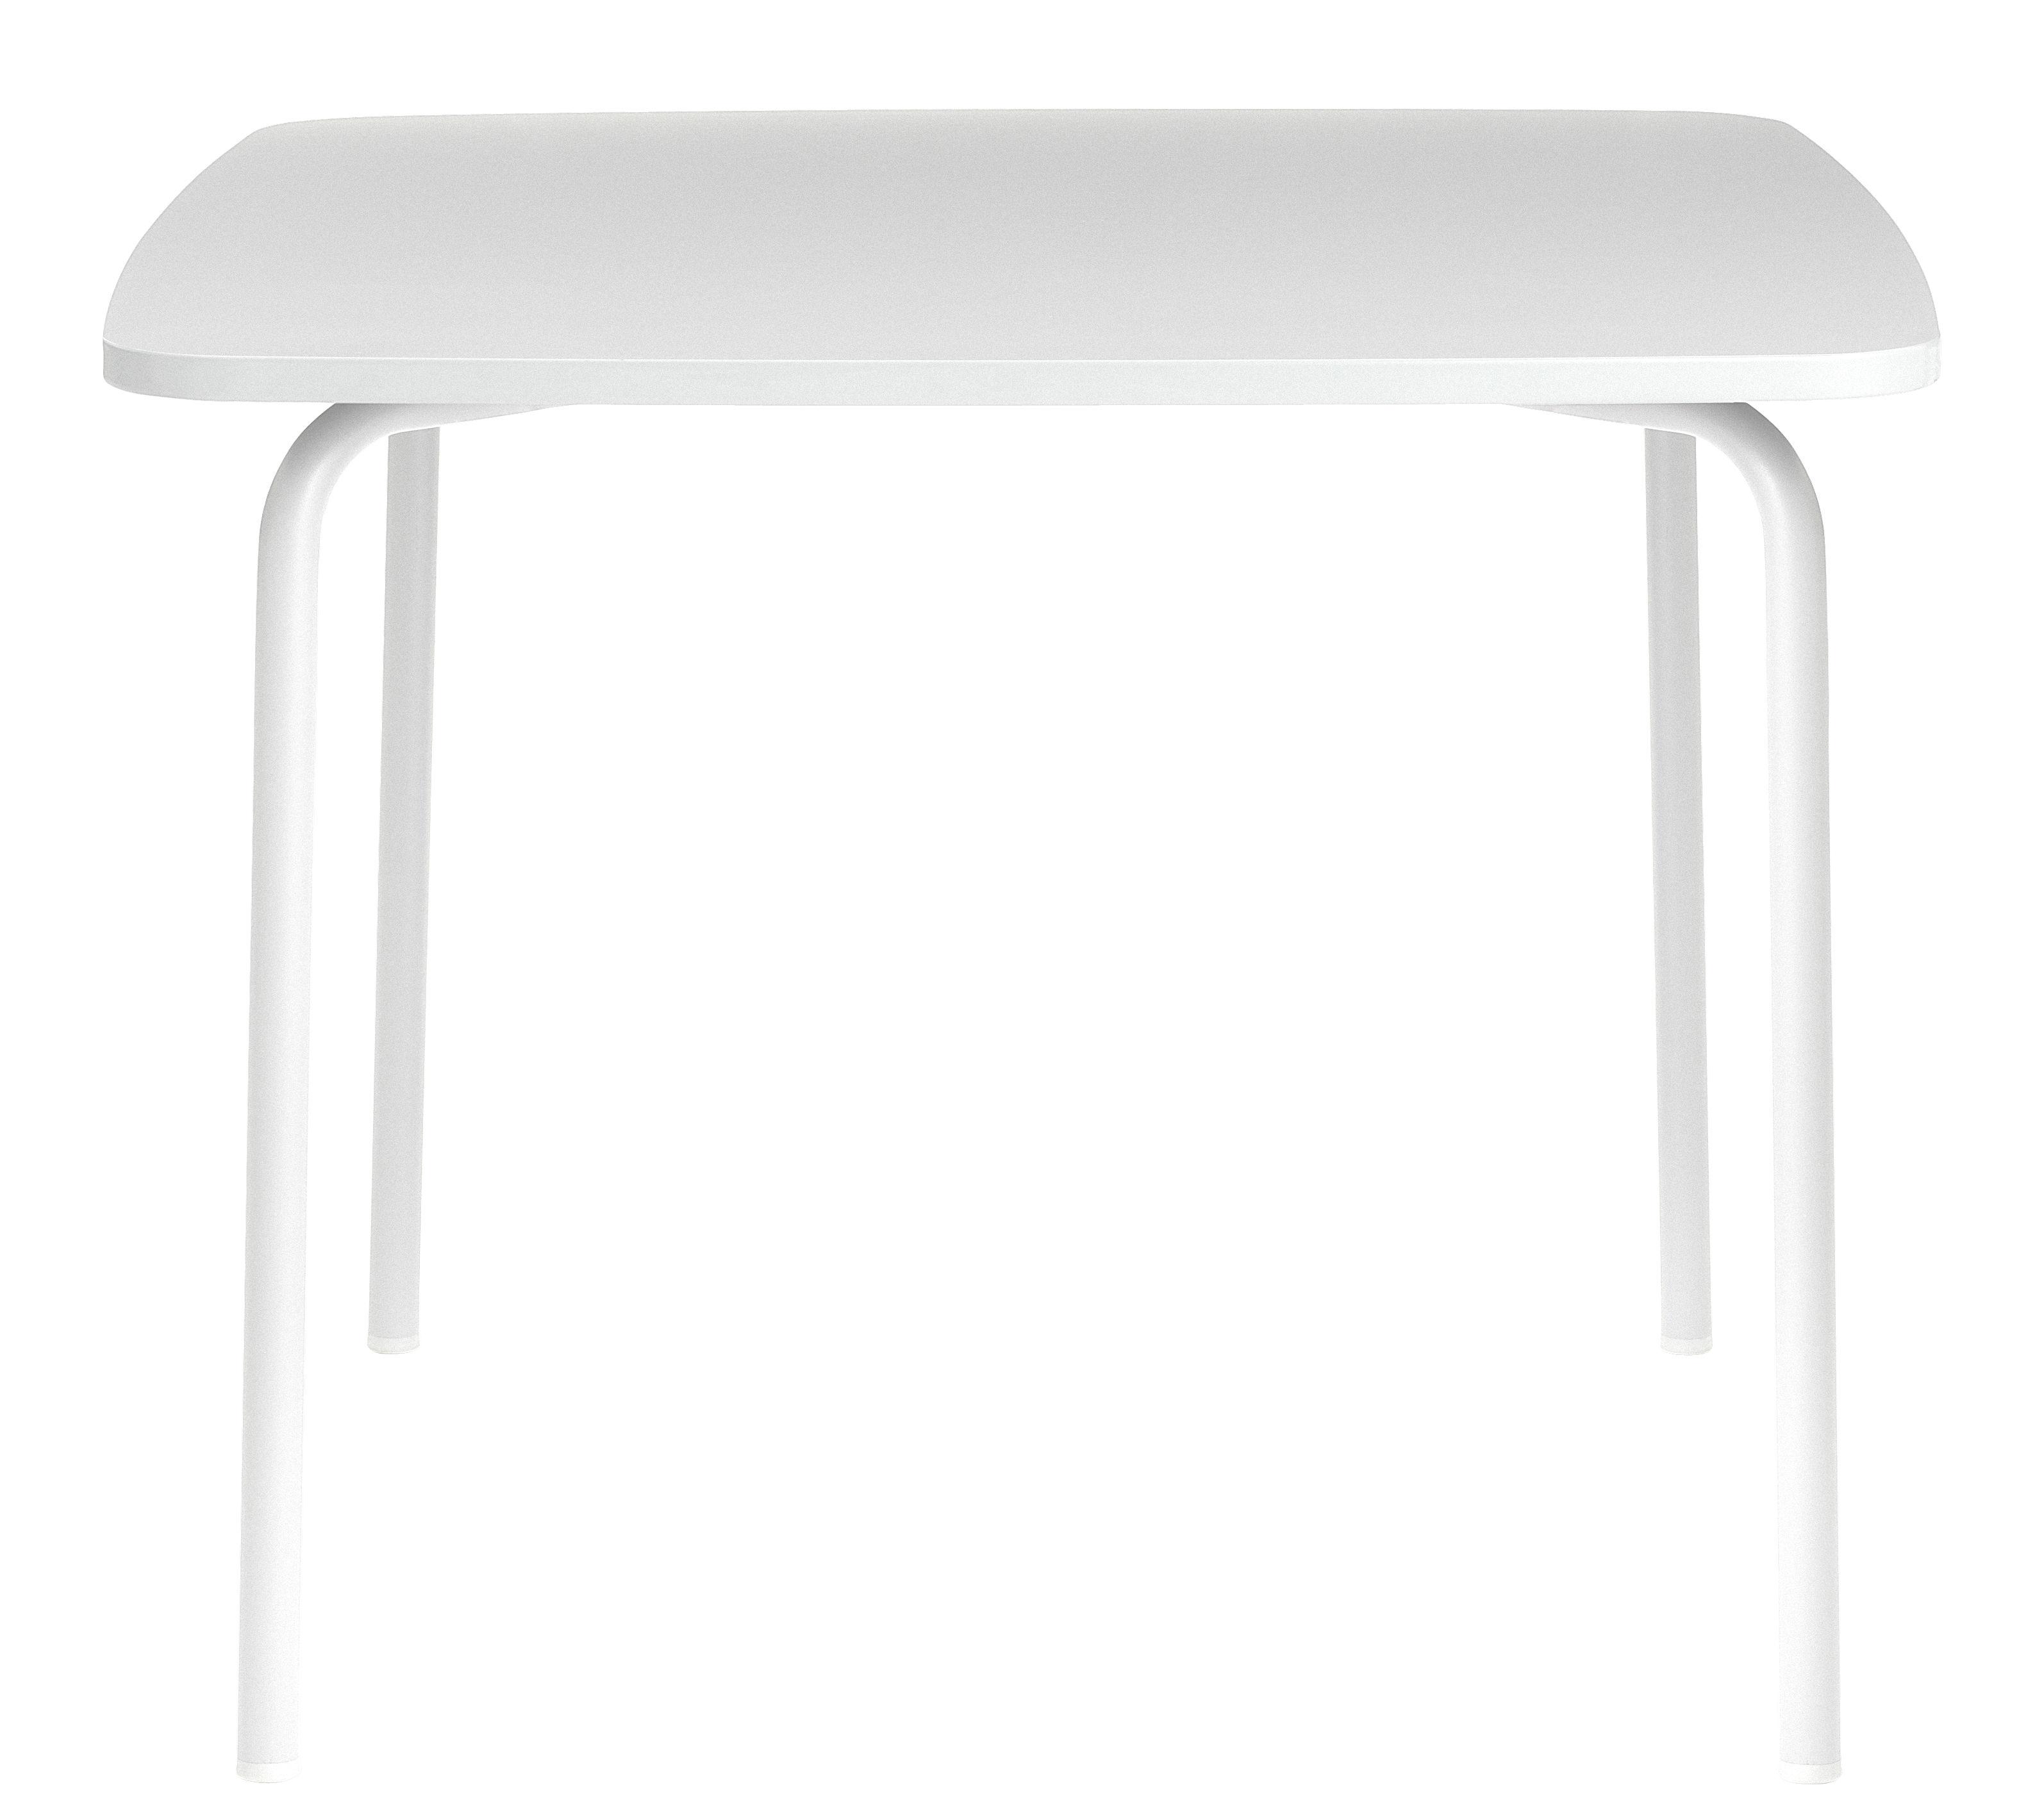 Mobilier - Tables - Table carrée My Table Small / 90 x 90 cm - Normann Copenhagen - Blanc - Acier laqué, Laminé